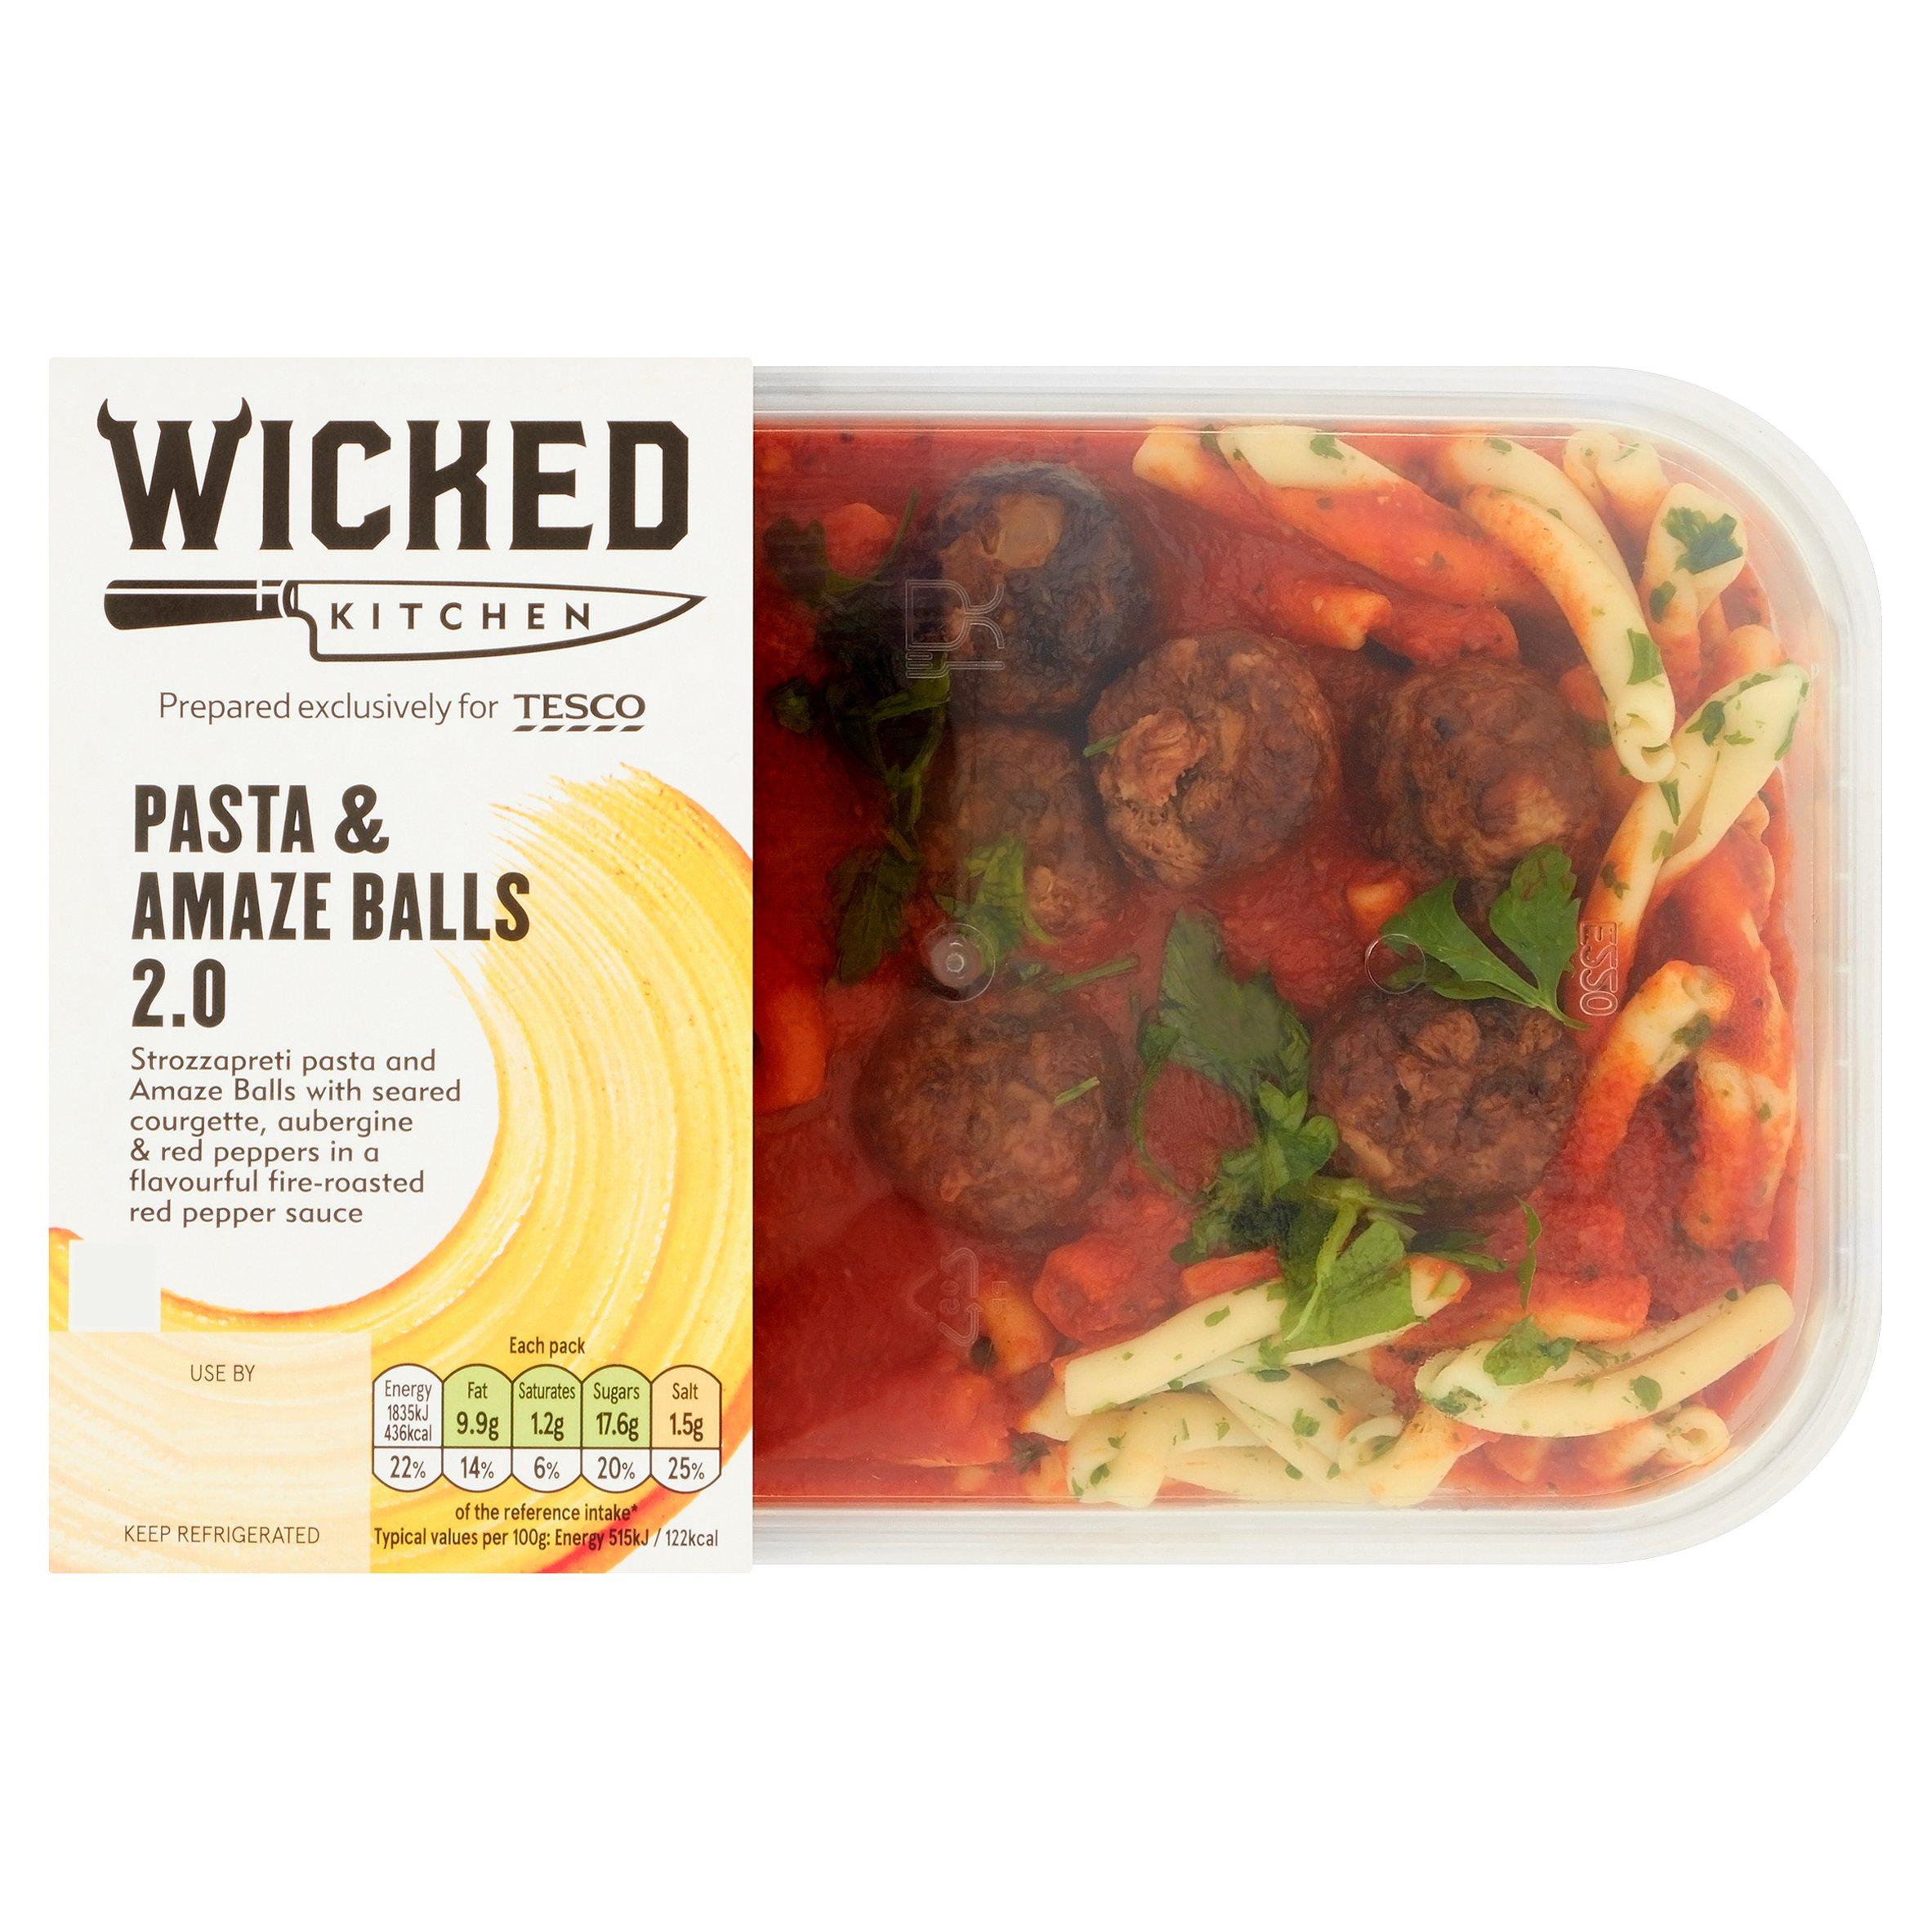 Wicked Kitchen Pasta & Amaze Balls 2.0 380G